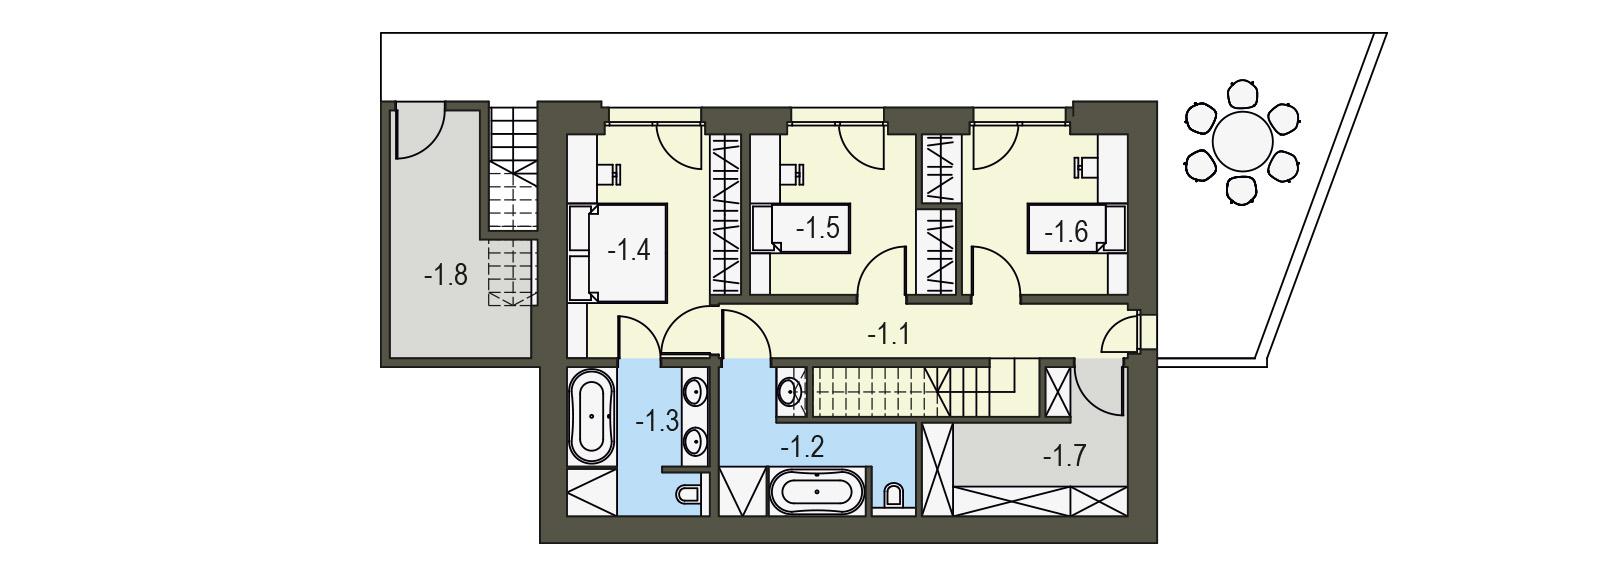 Projekt domu pasywnego DAS HAUS III Domy Czystej Energii rzut piętra